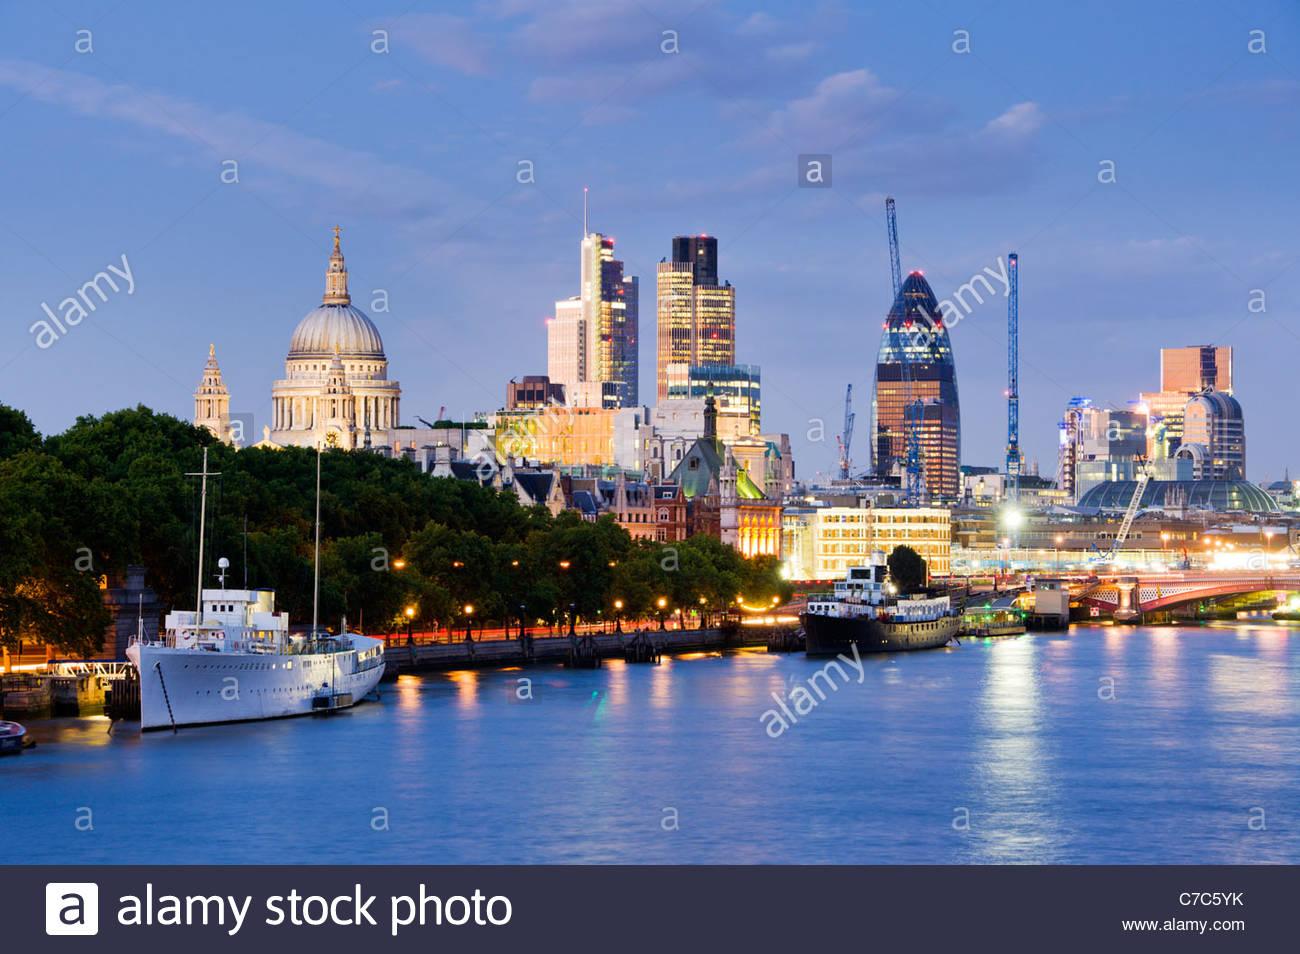 La ville de la Tamise, Londres. Photo Stock